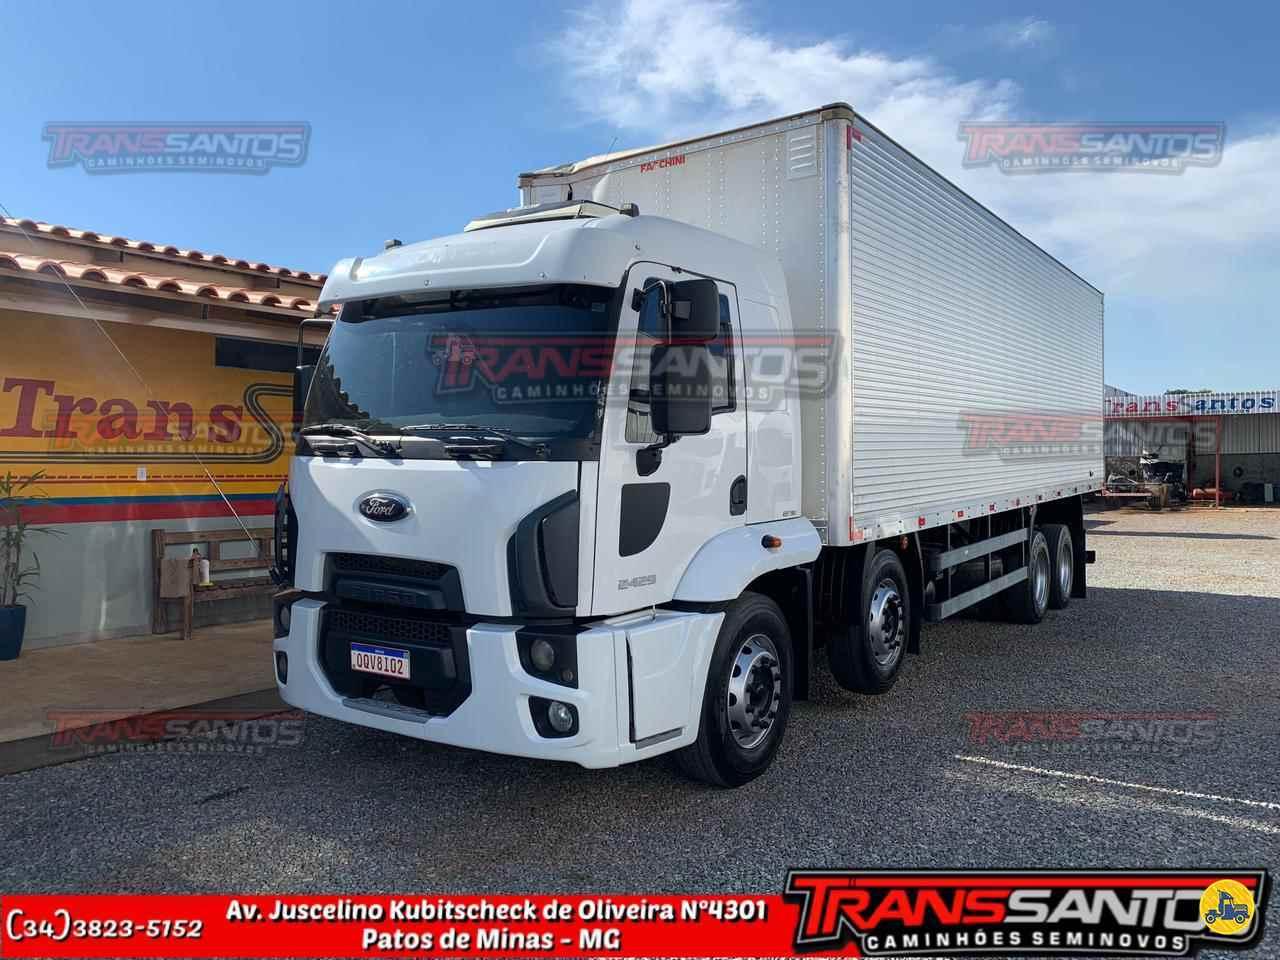 CAMINHAO FORD CARGO 2429 Baú Furgão BiTruck 8x2 TransSantos Seminovos PATOS DE MINAS MINAS GERAIS MG